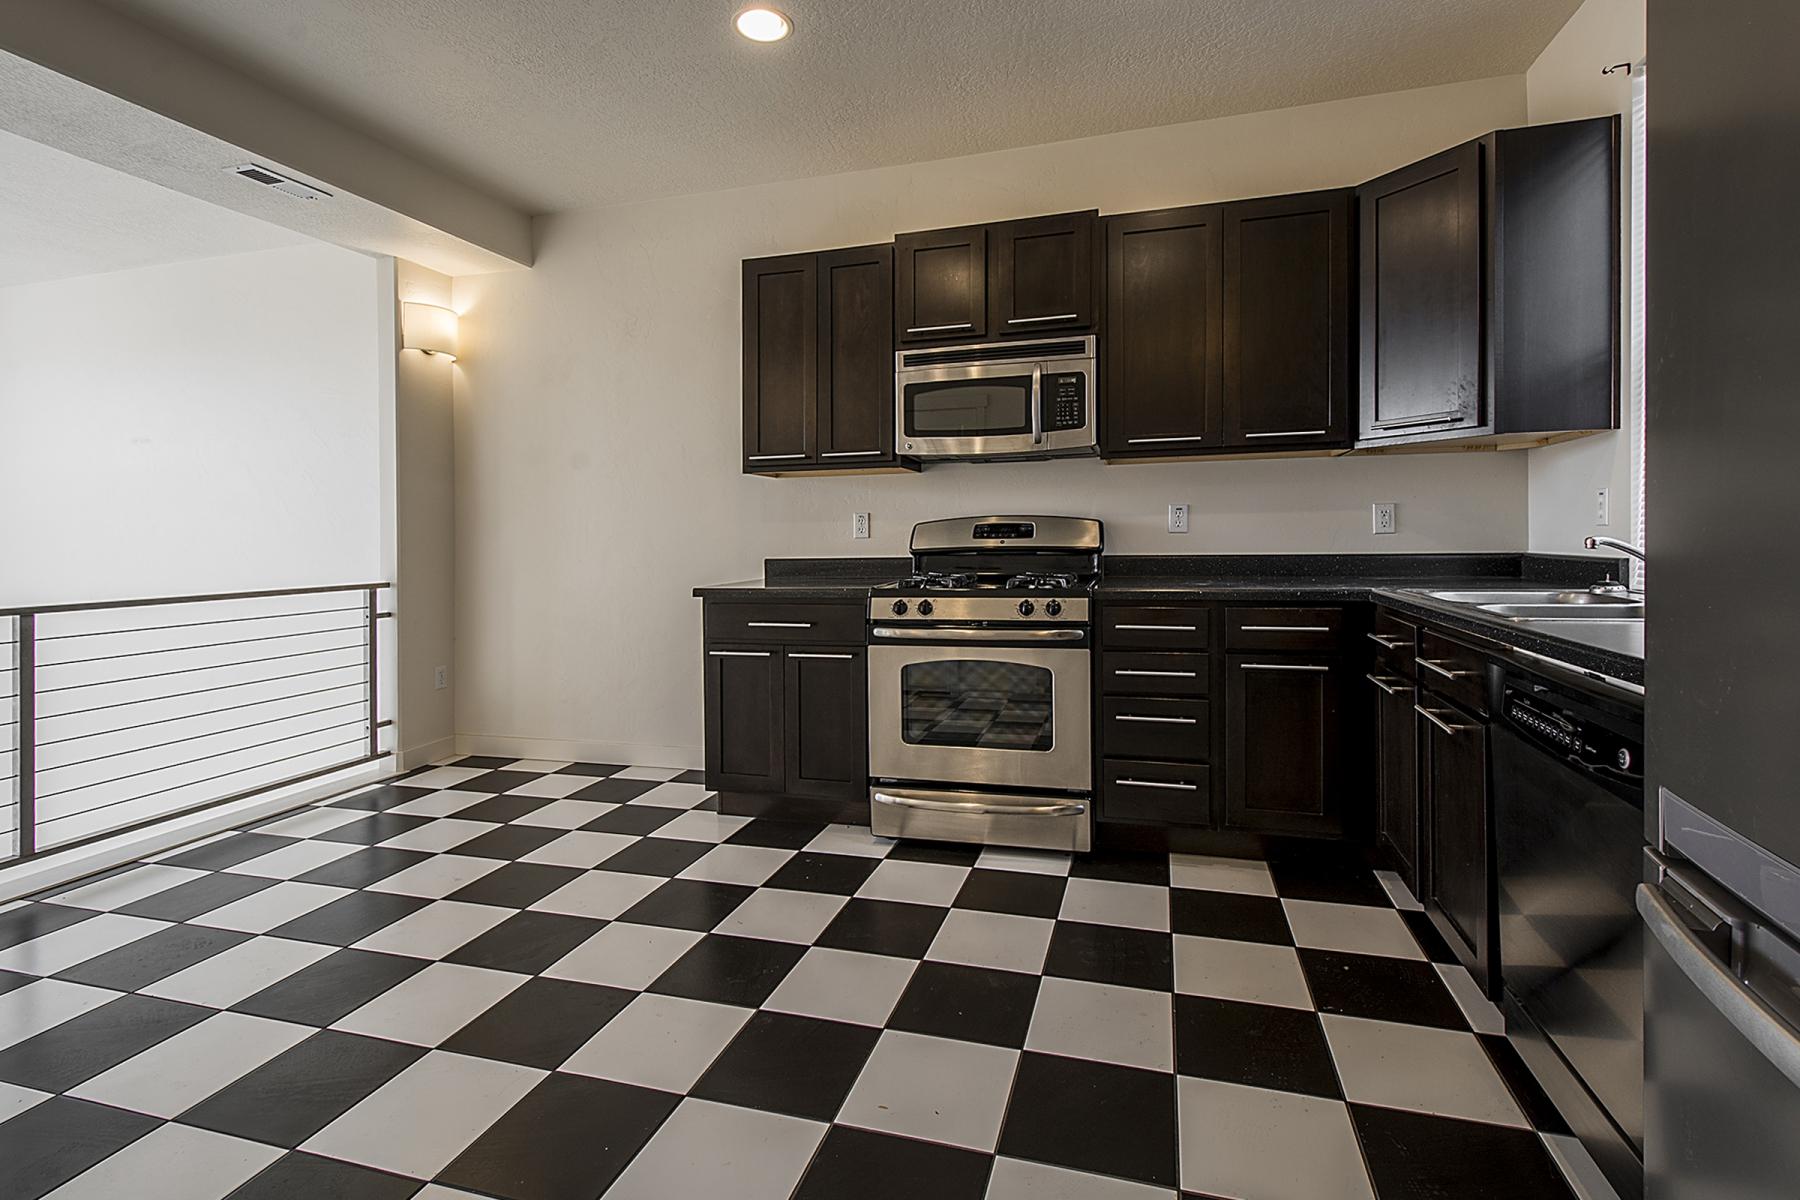 Kitchen_1800x1200_2515482